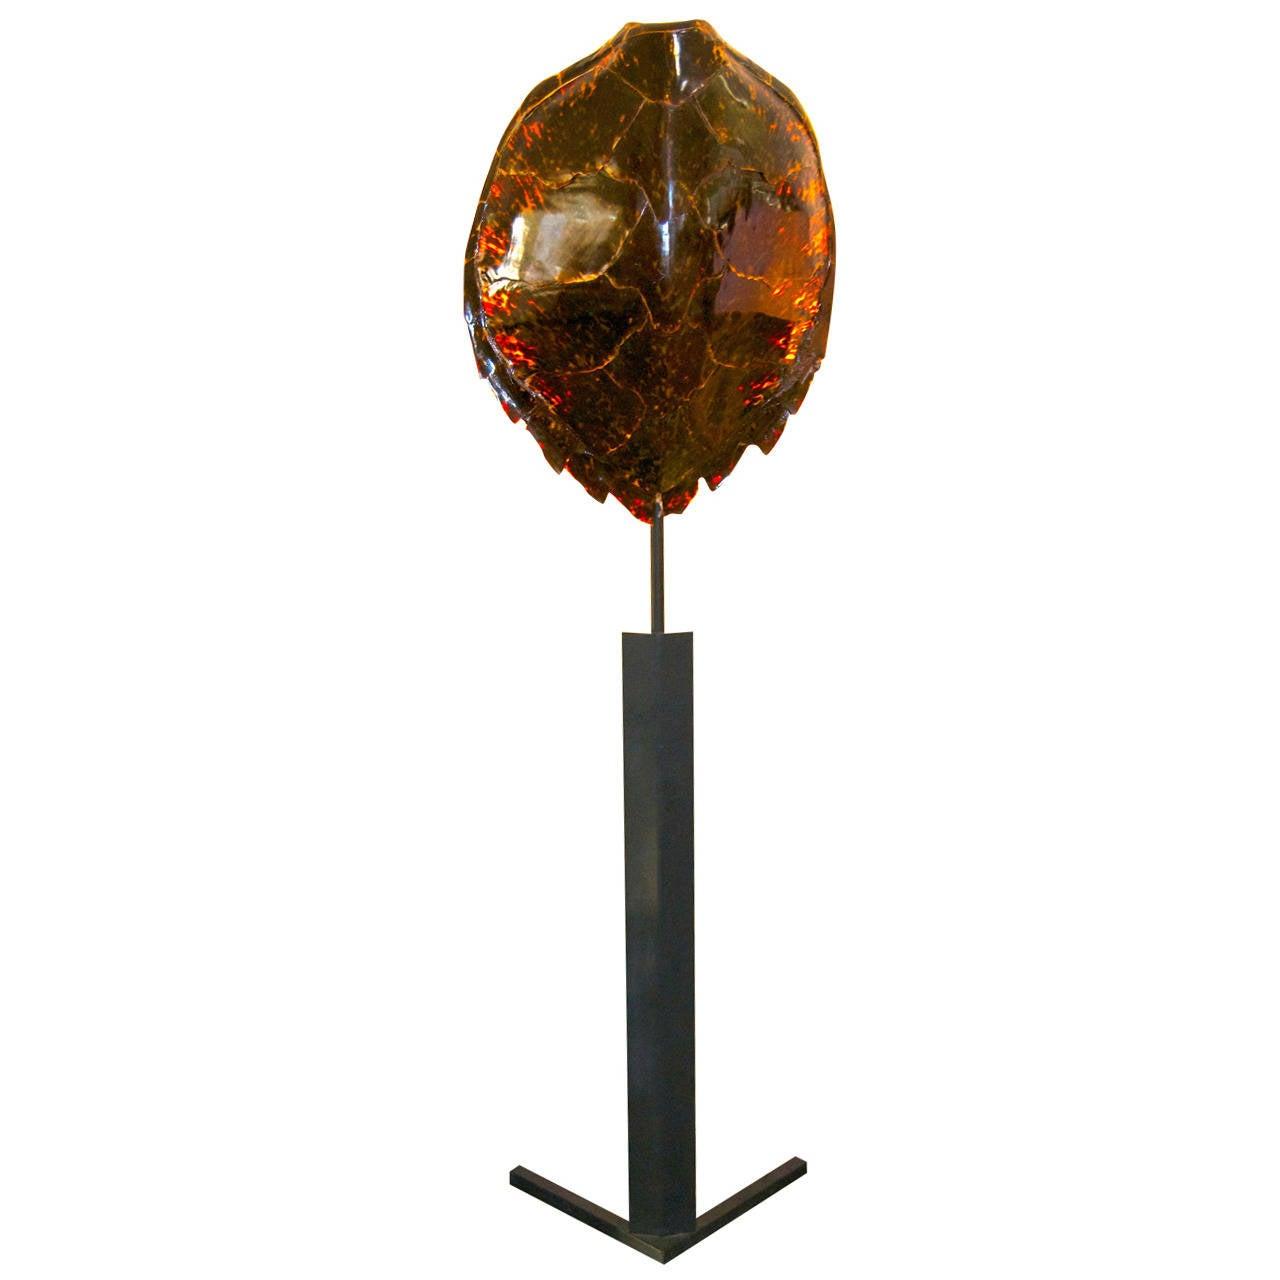 Maison Jansen Tortoiseshell Floor Lamp